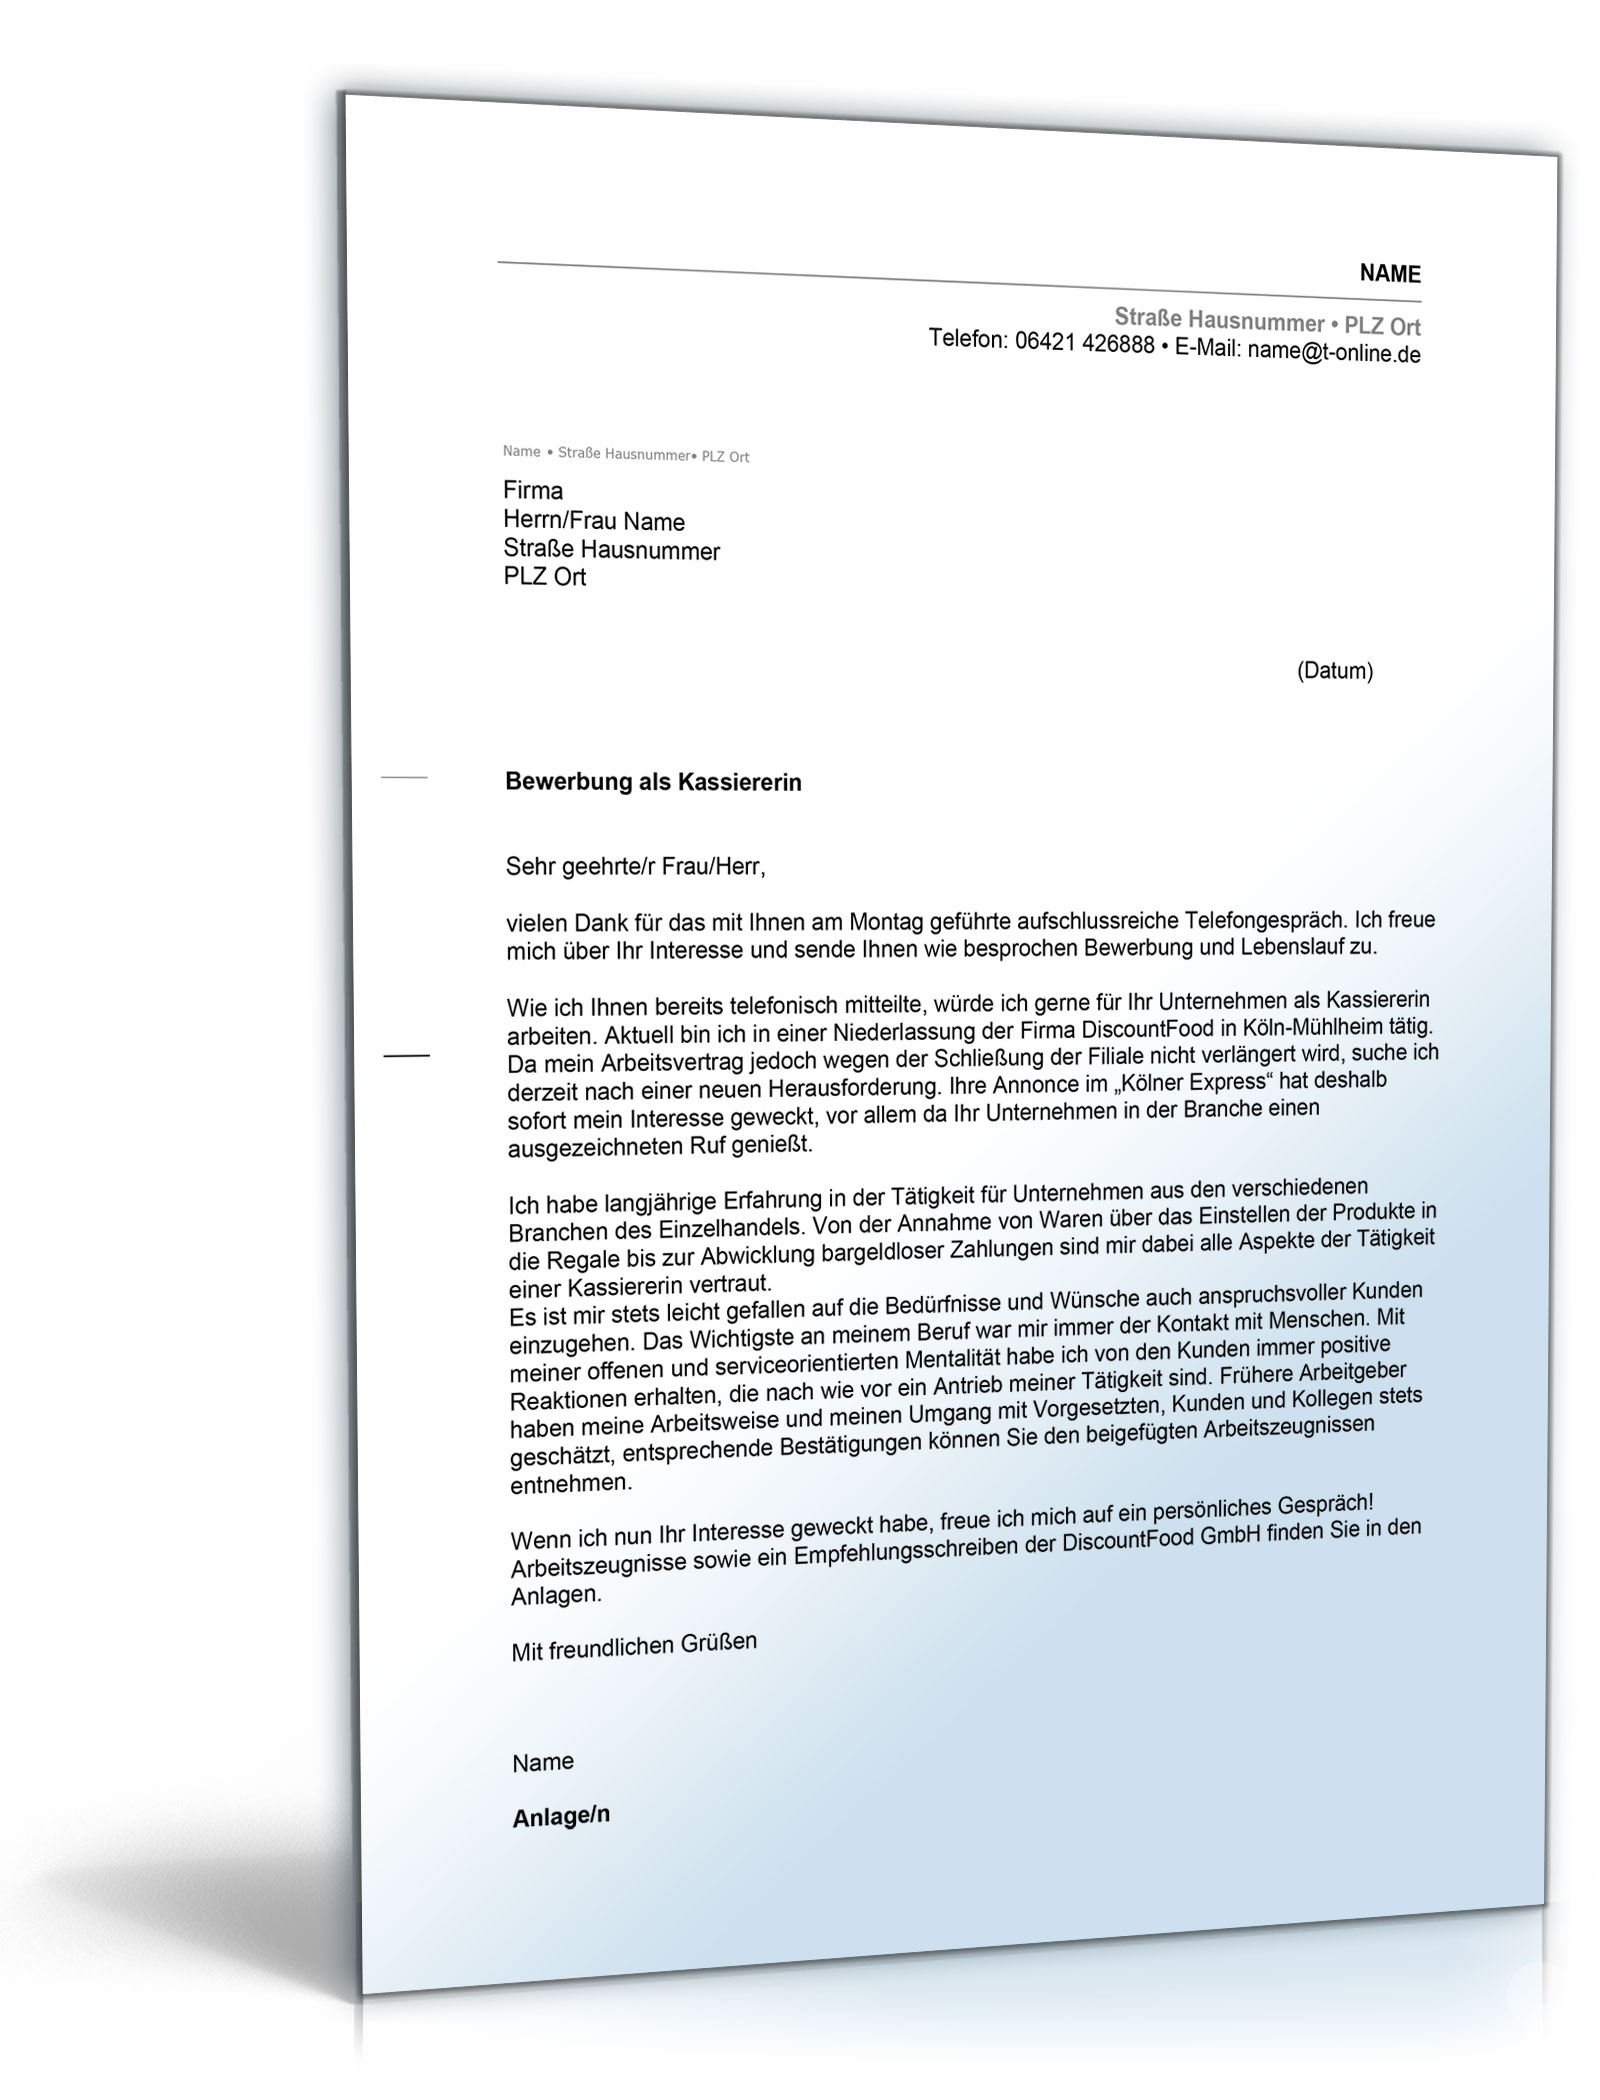 Anschreiben Bewerbung Kassiererin [Word Dokument]: Amazon.de: Software